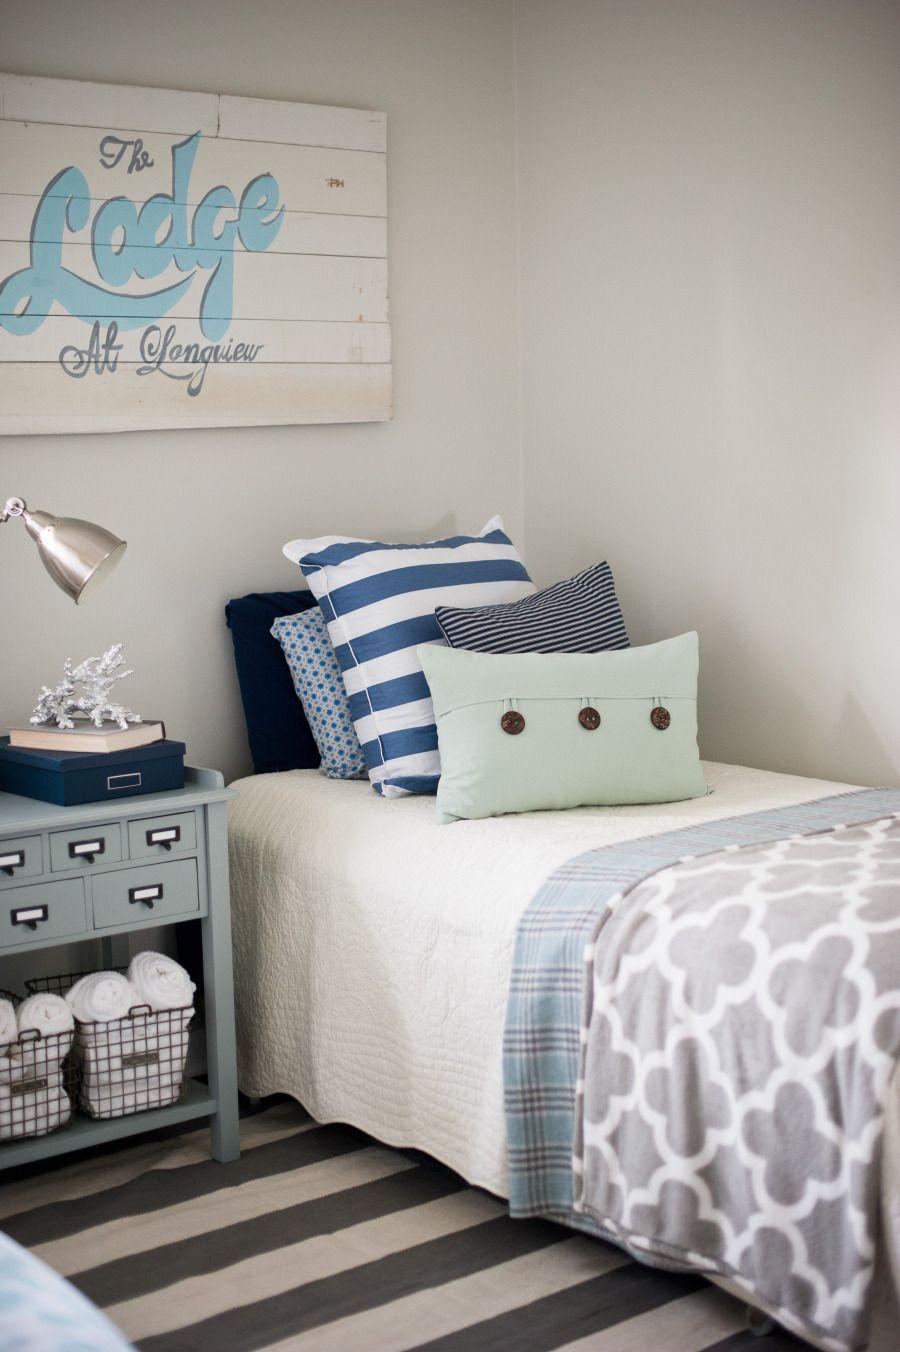 Habita 2 Tengo Colchas Azules Pero Puedo Ponerlas Como Pie De  # Muebles Nido De Abeja